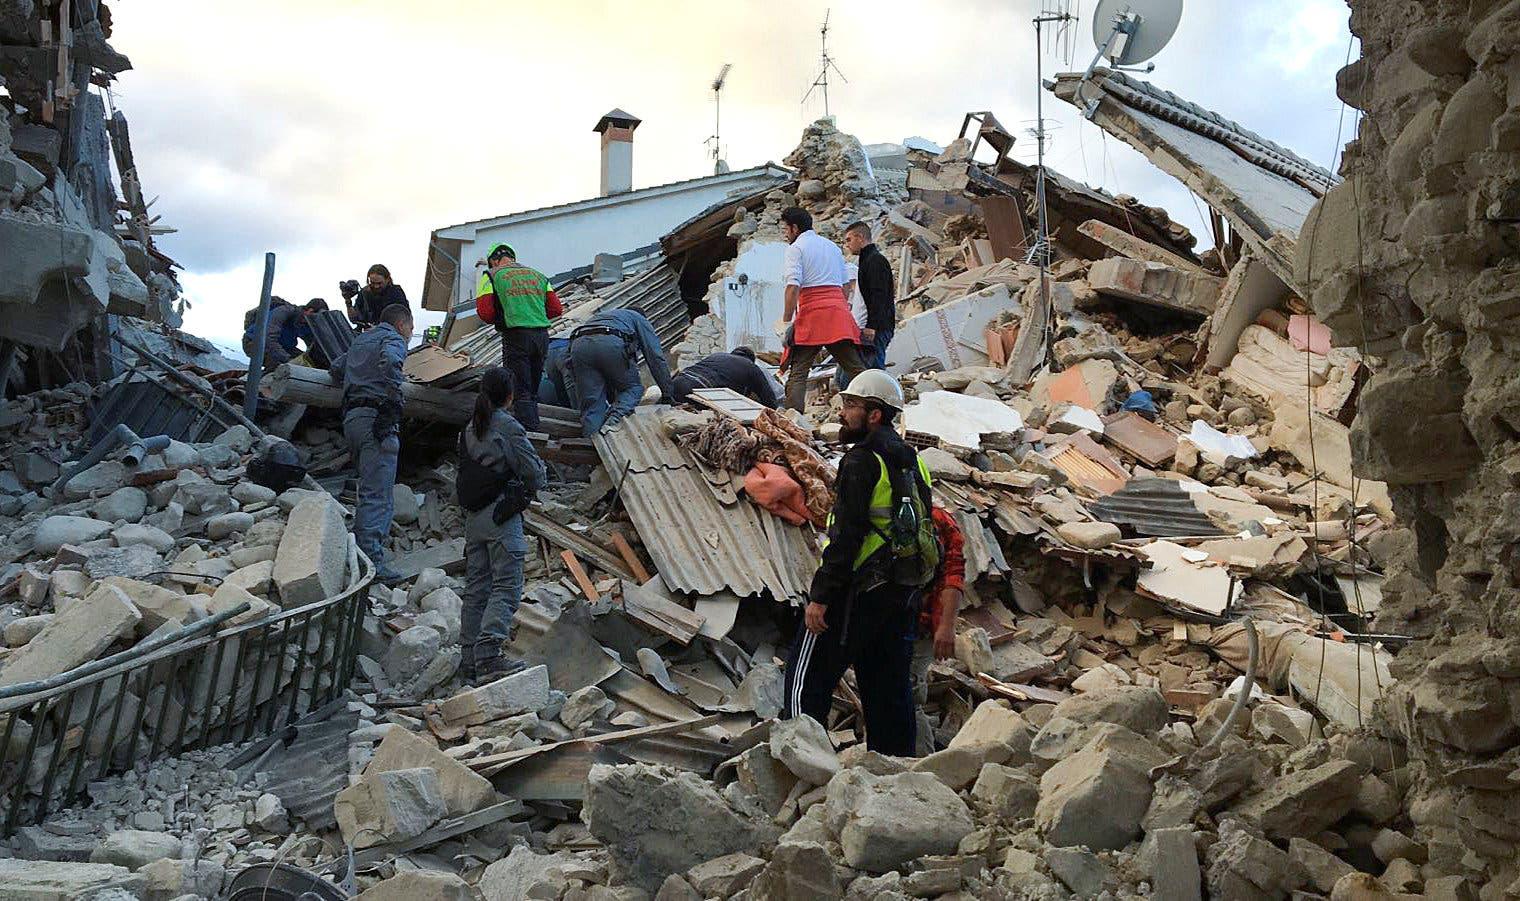 وقد خلف هذا الزلزال، ومركزة منطقة جبلية شمال شرق روما، حتى الآن 120 قتيلاً، بينما تتحدث وسائل إعلام إيطالية عن 100 مفقود، قد يكون أغلبهم عالقين بين ركام ...